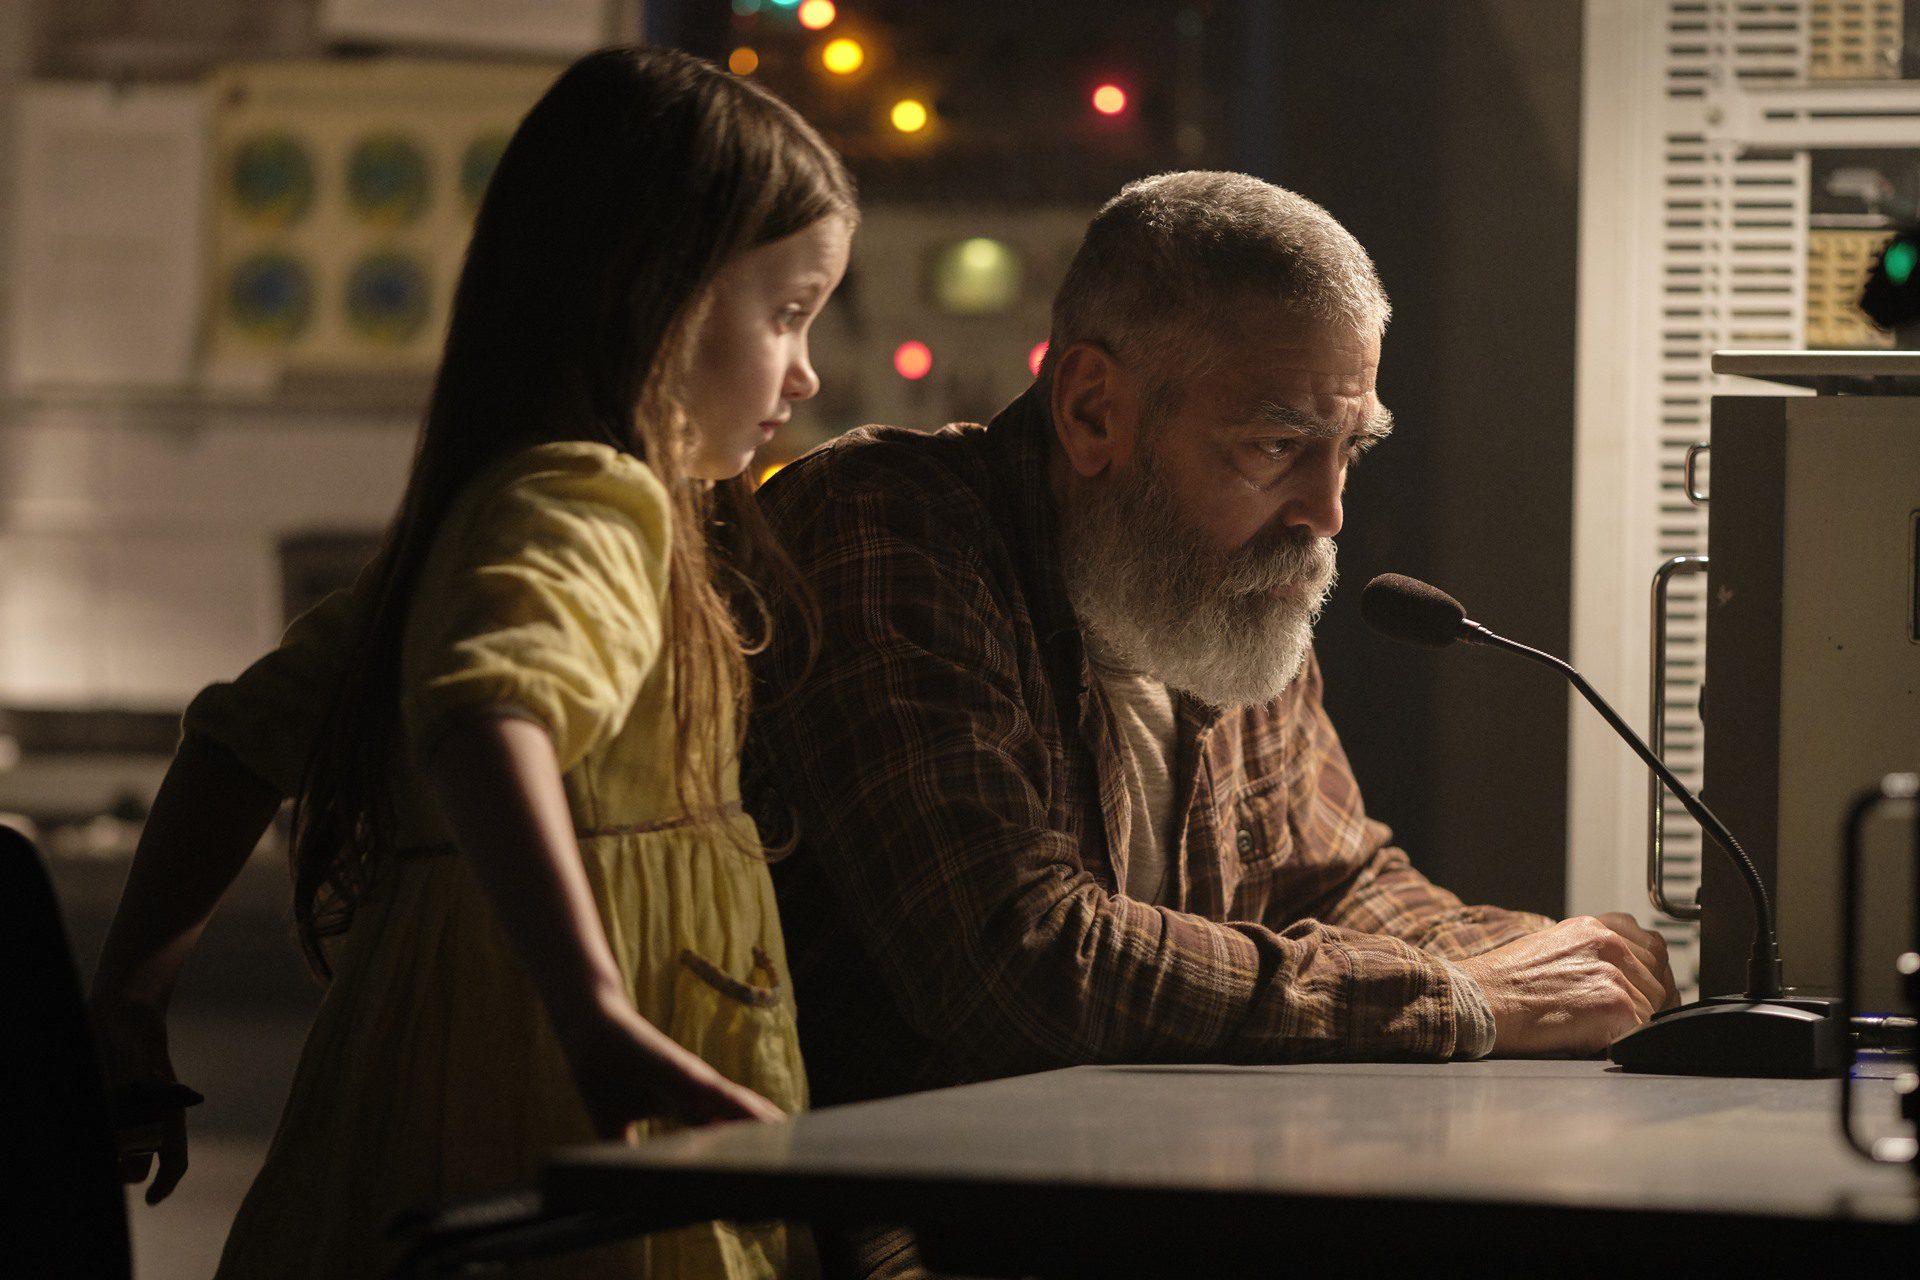 Cielo de medianoche, la nueva película de George Clooney. Imagen: Phiplippe Antonello, Netflix.